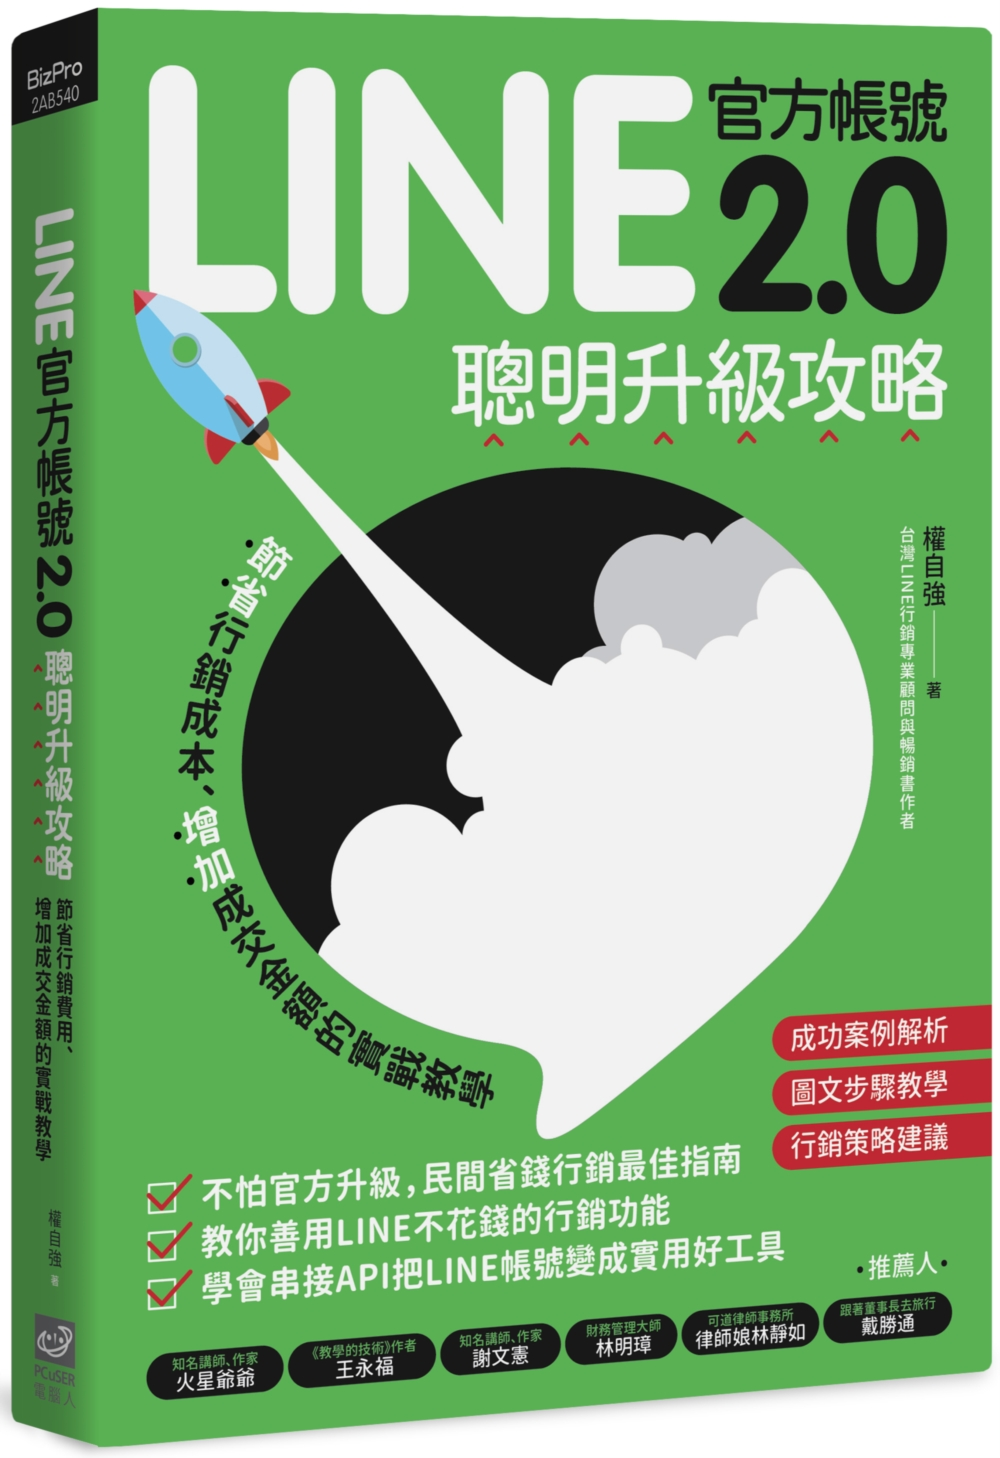 LINE官方帳號2.0聰明升級...